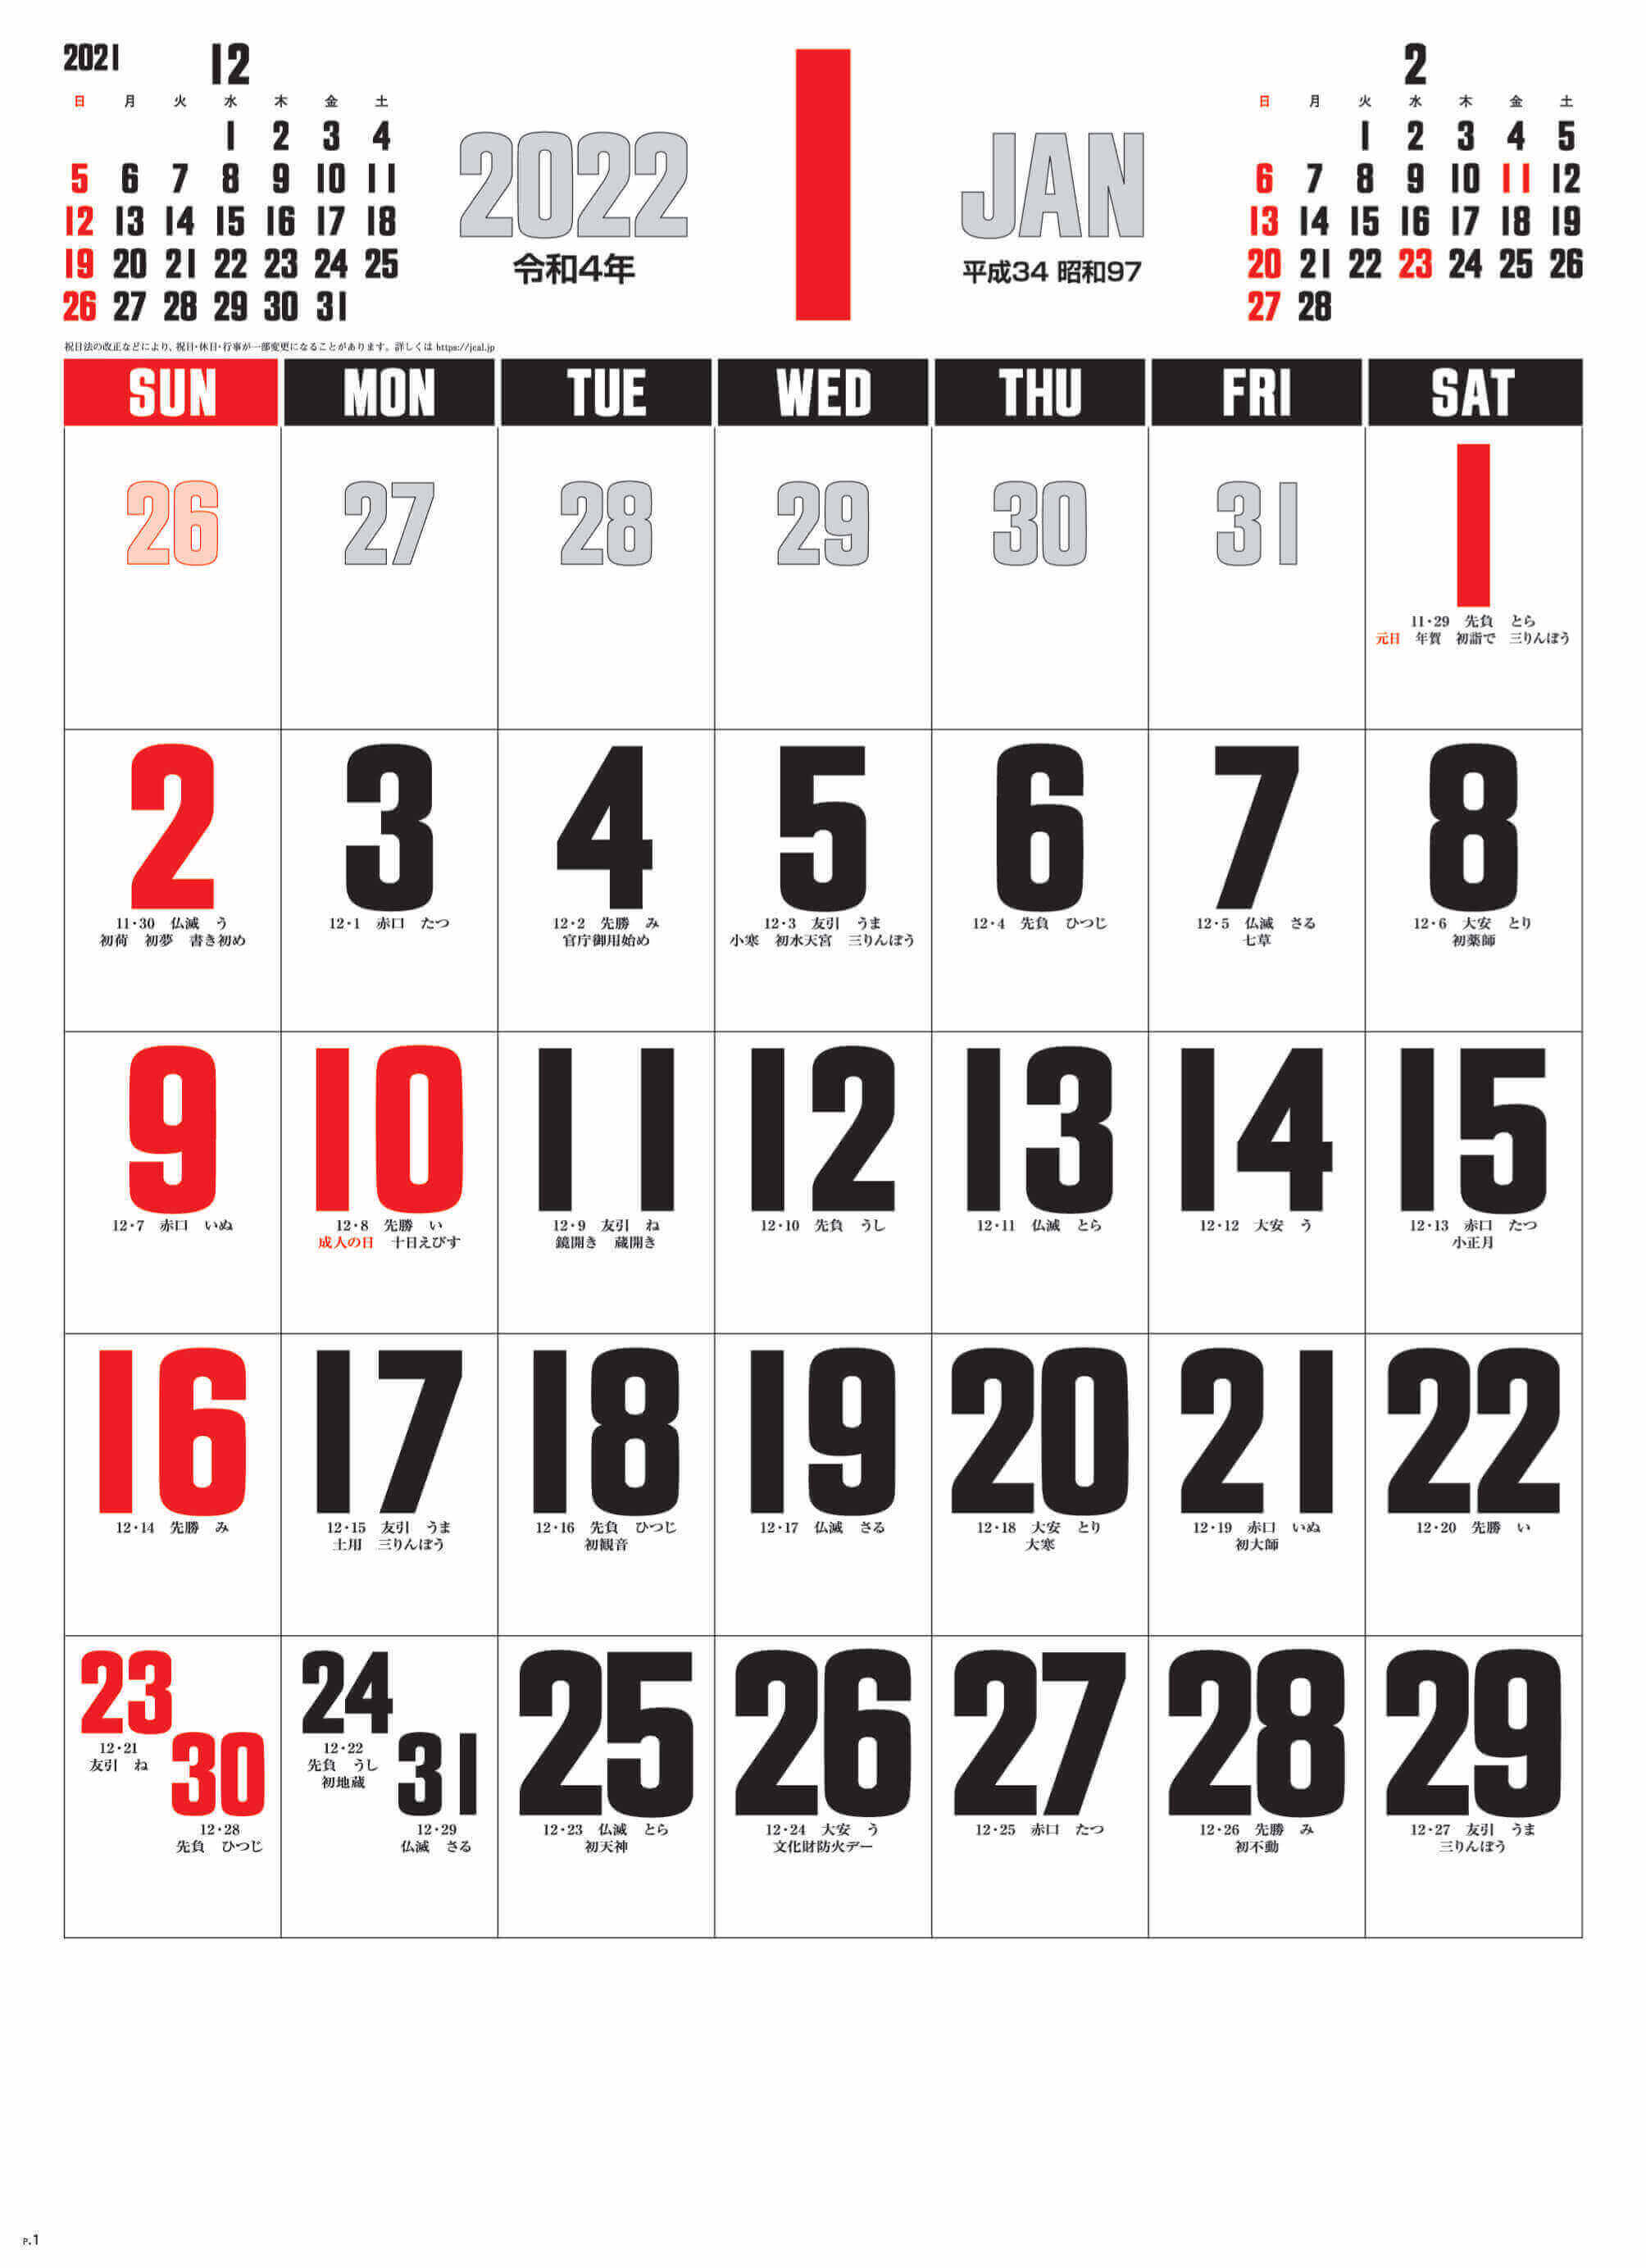 デラックス文字 2022年カレンダーの画像